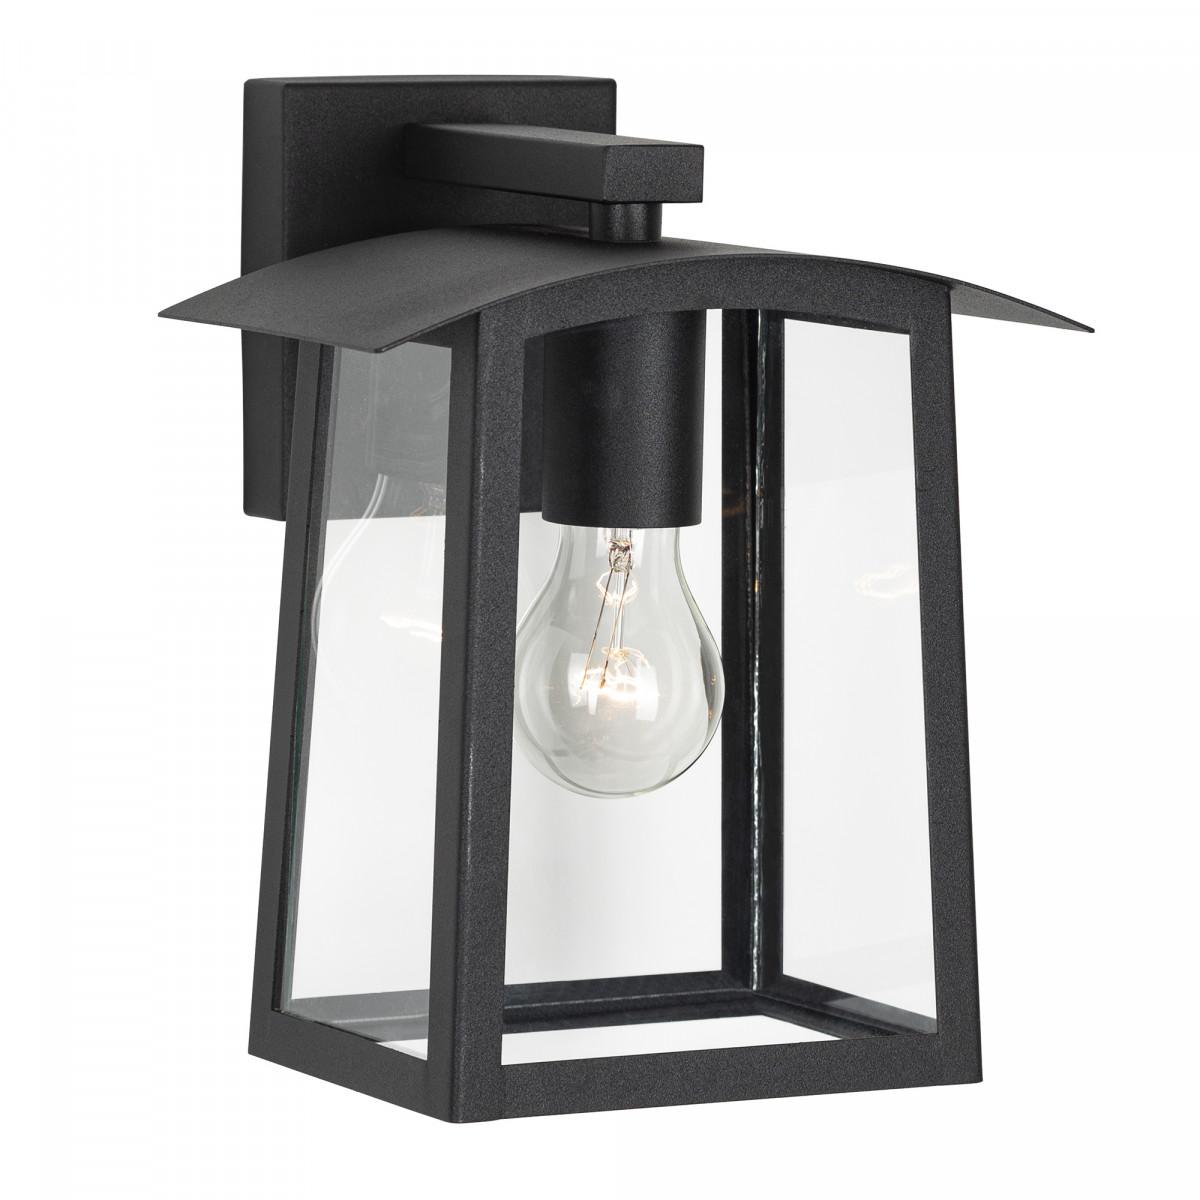 KS Außenwandleuchte Motto Schwarz, schöne eleganten Leuchten die an der Wand montiert wird